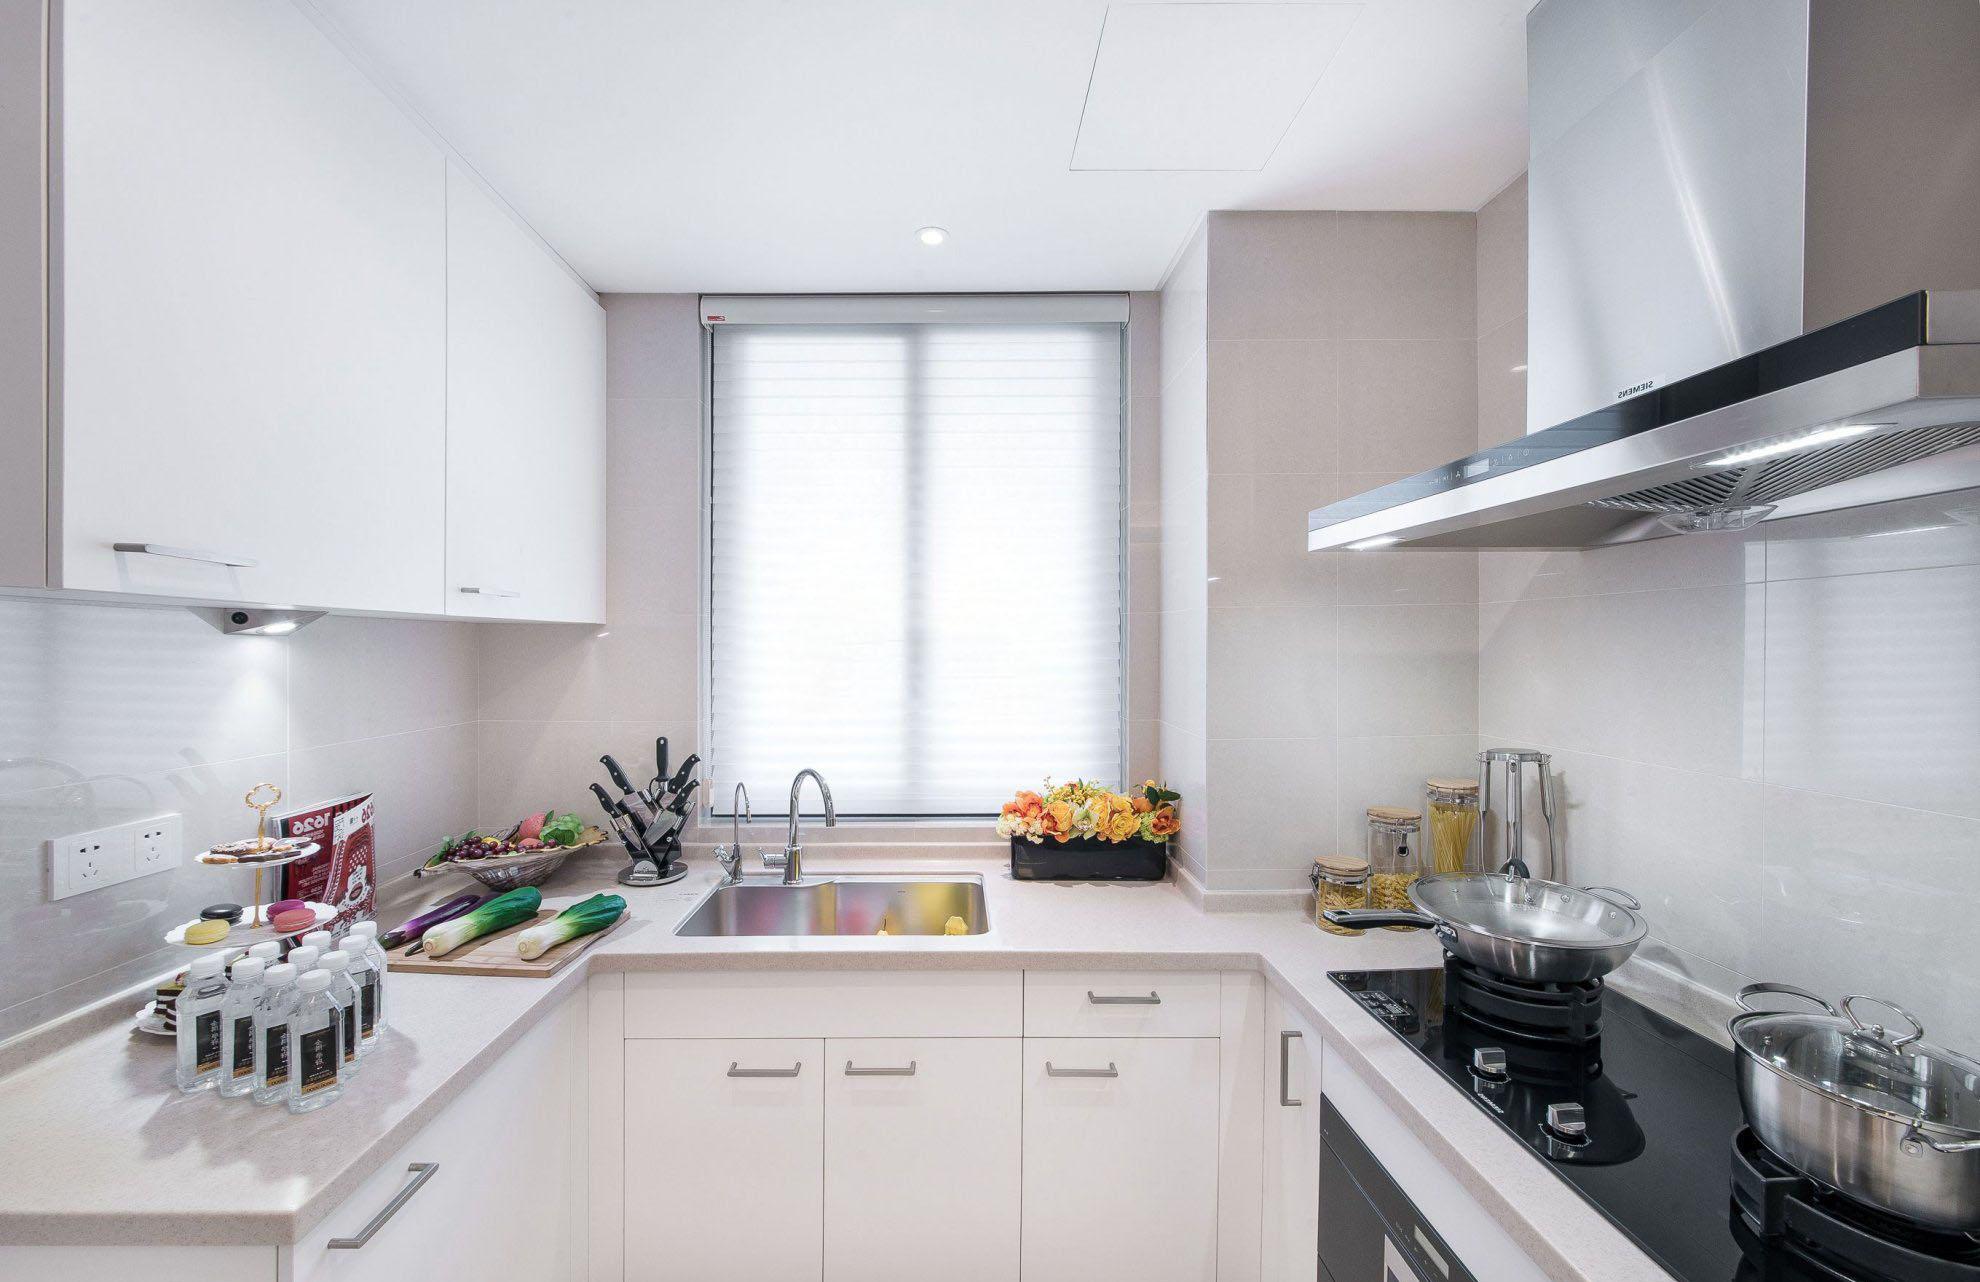 长沙装饰丨厨房瓷砖的选购方法有哪些?